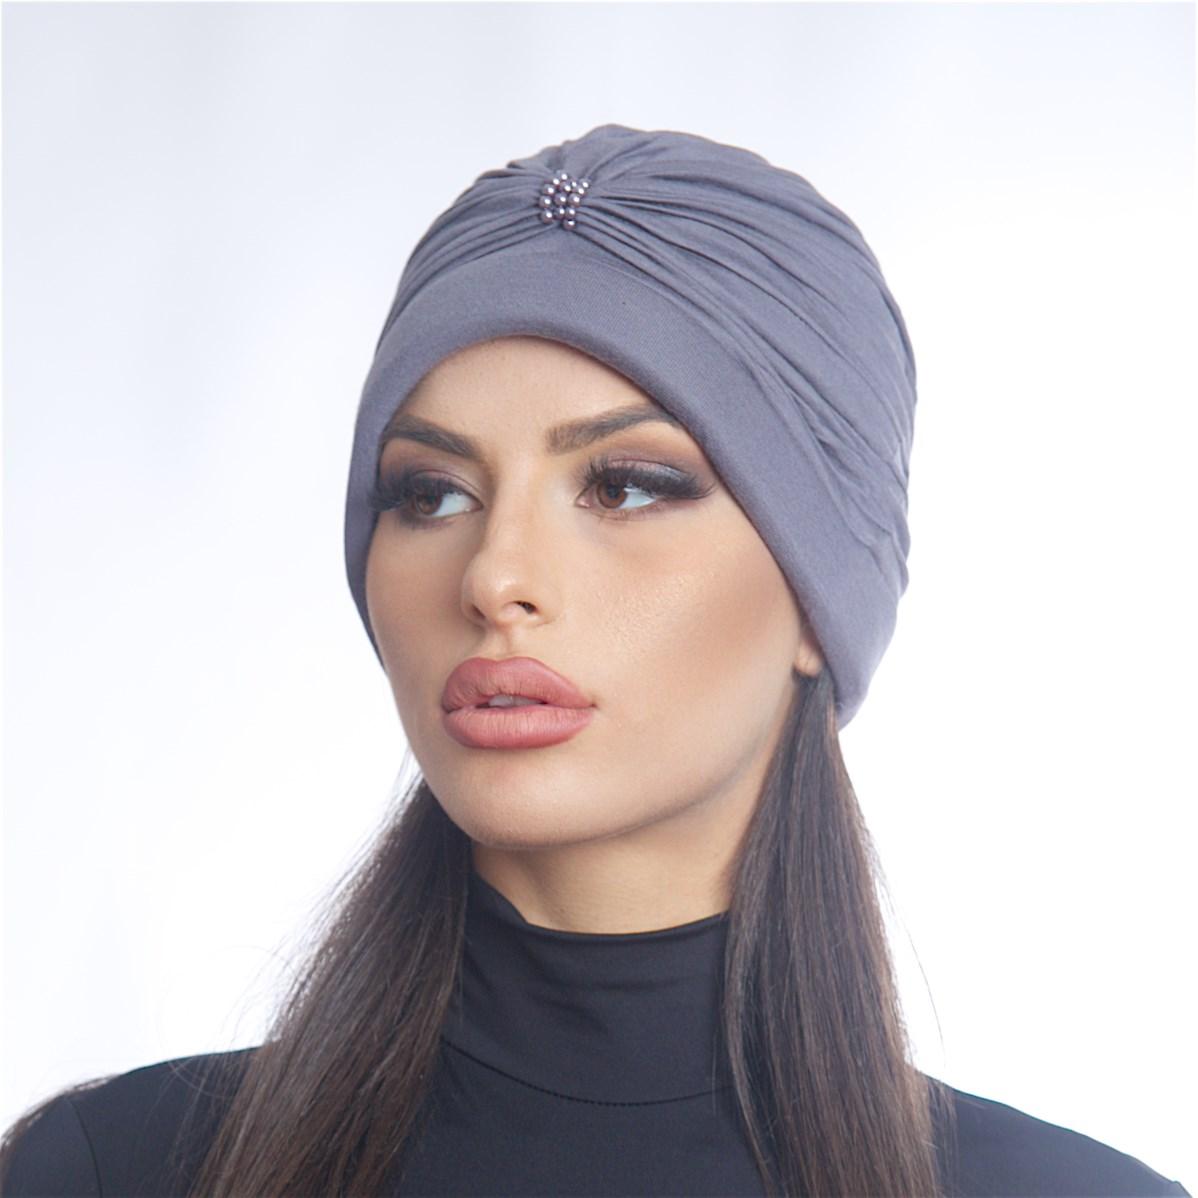 Дамски тюрбан с перлички в сив цвят